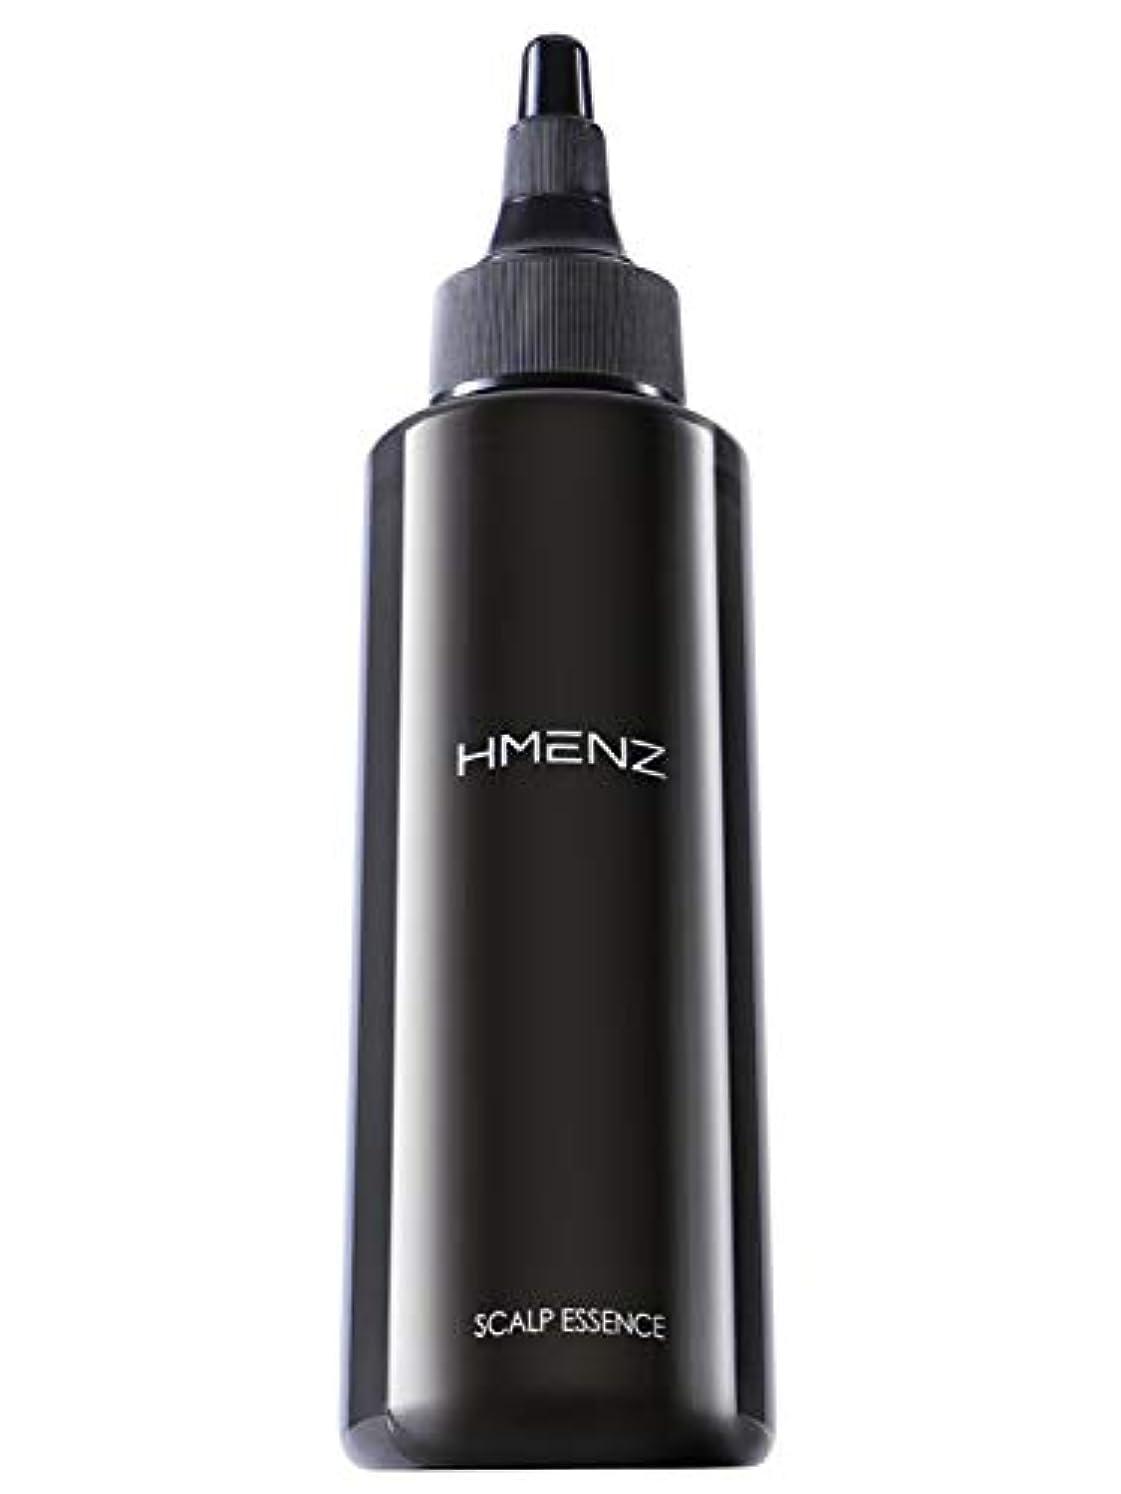 同行するコインランドリー特異な医薬部外品 HMENZ メンズ 育毛剤 スカルプエッセンス 毛髪エイジングケアシリーズ 和漢根 海藻配合 育毛トニック 120ml